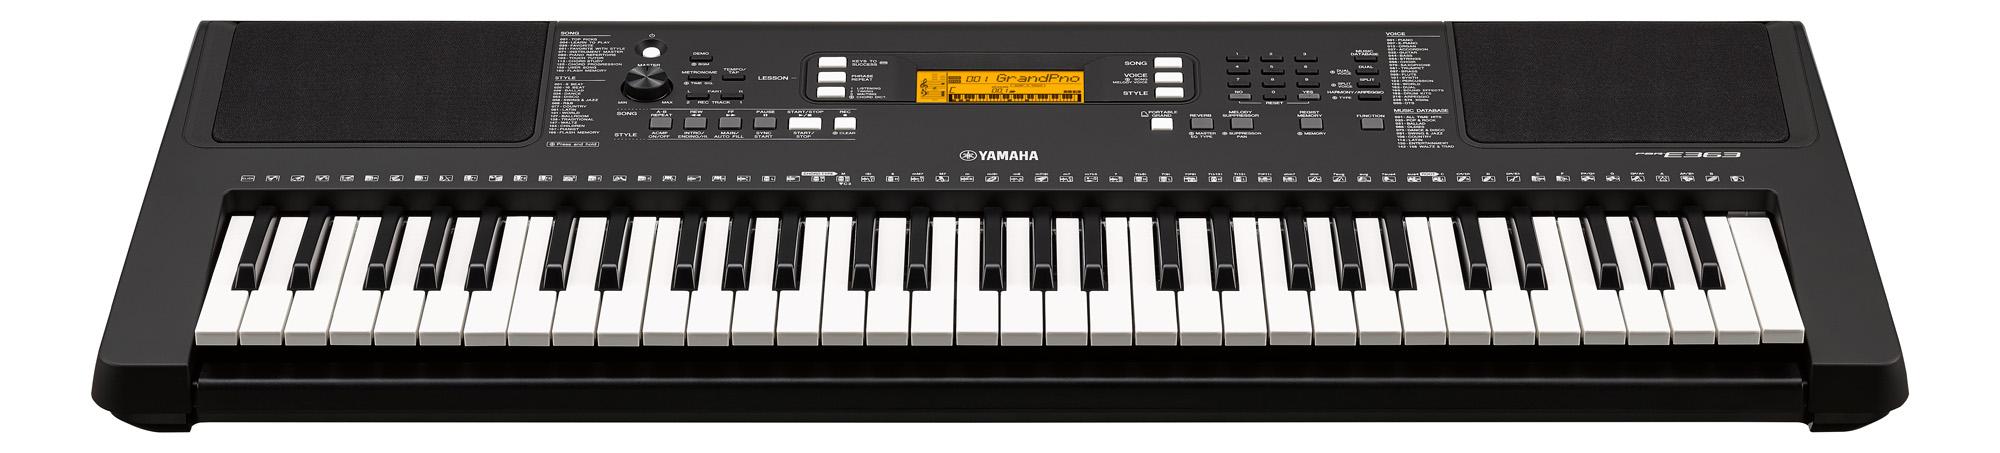 PSR-E363 Home Keyboard